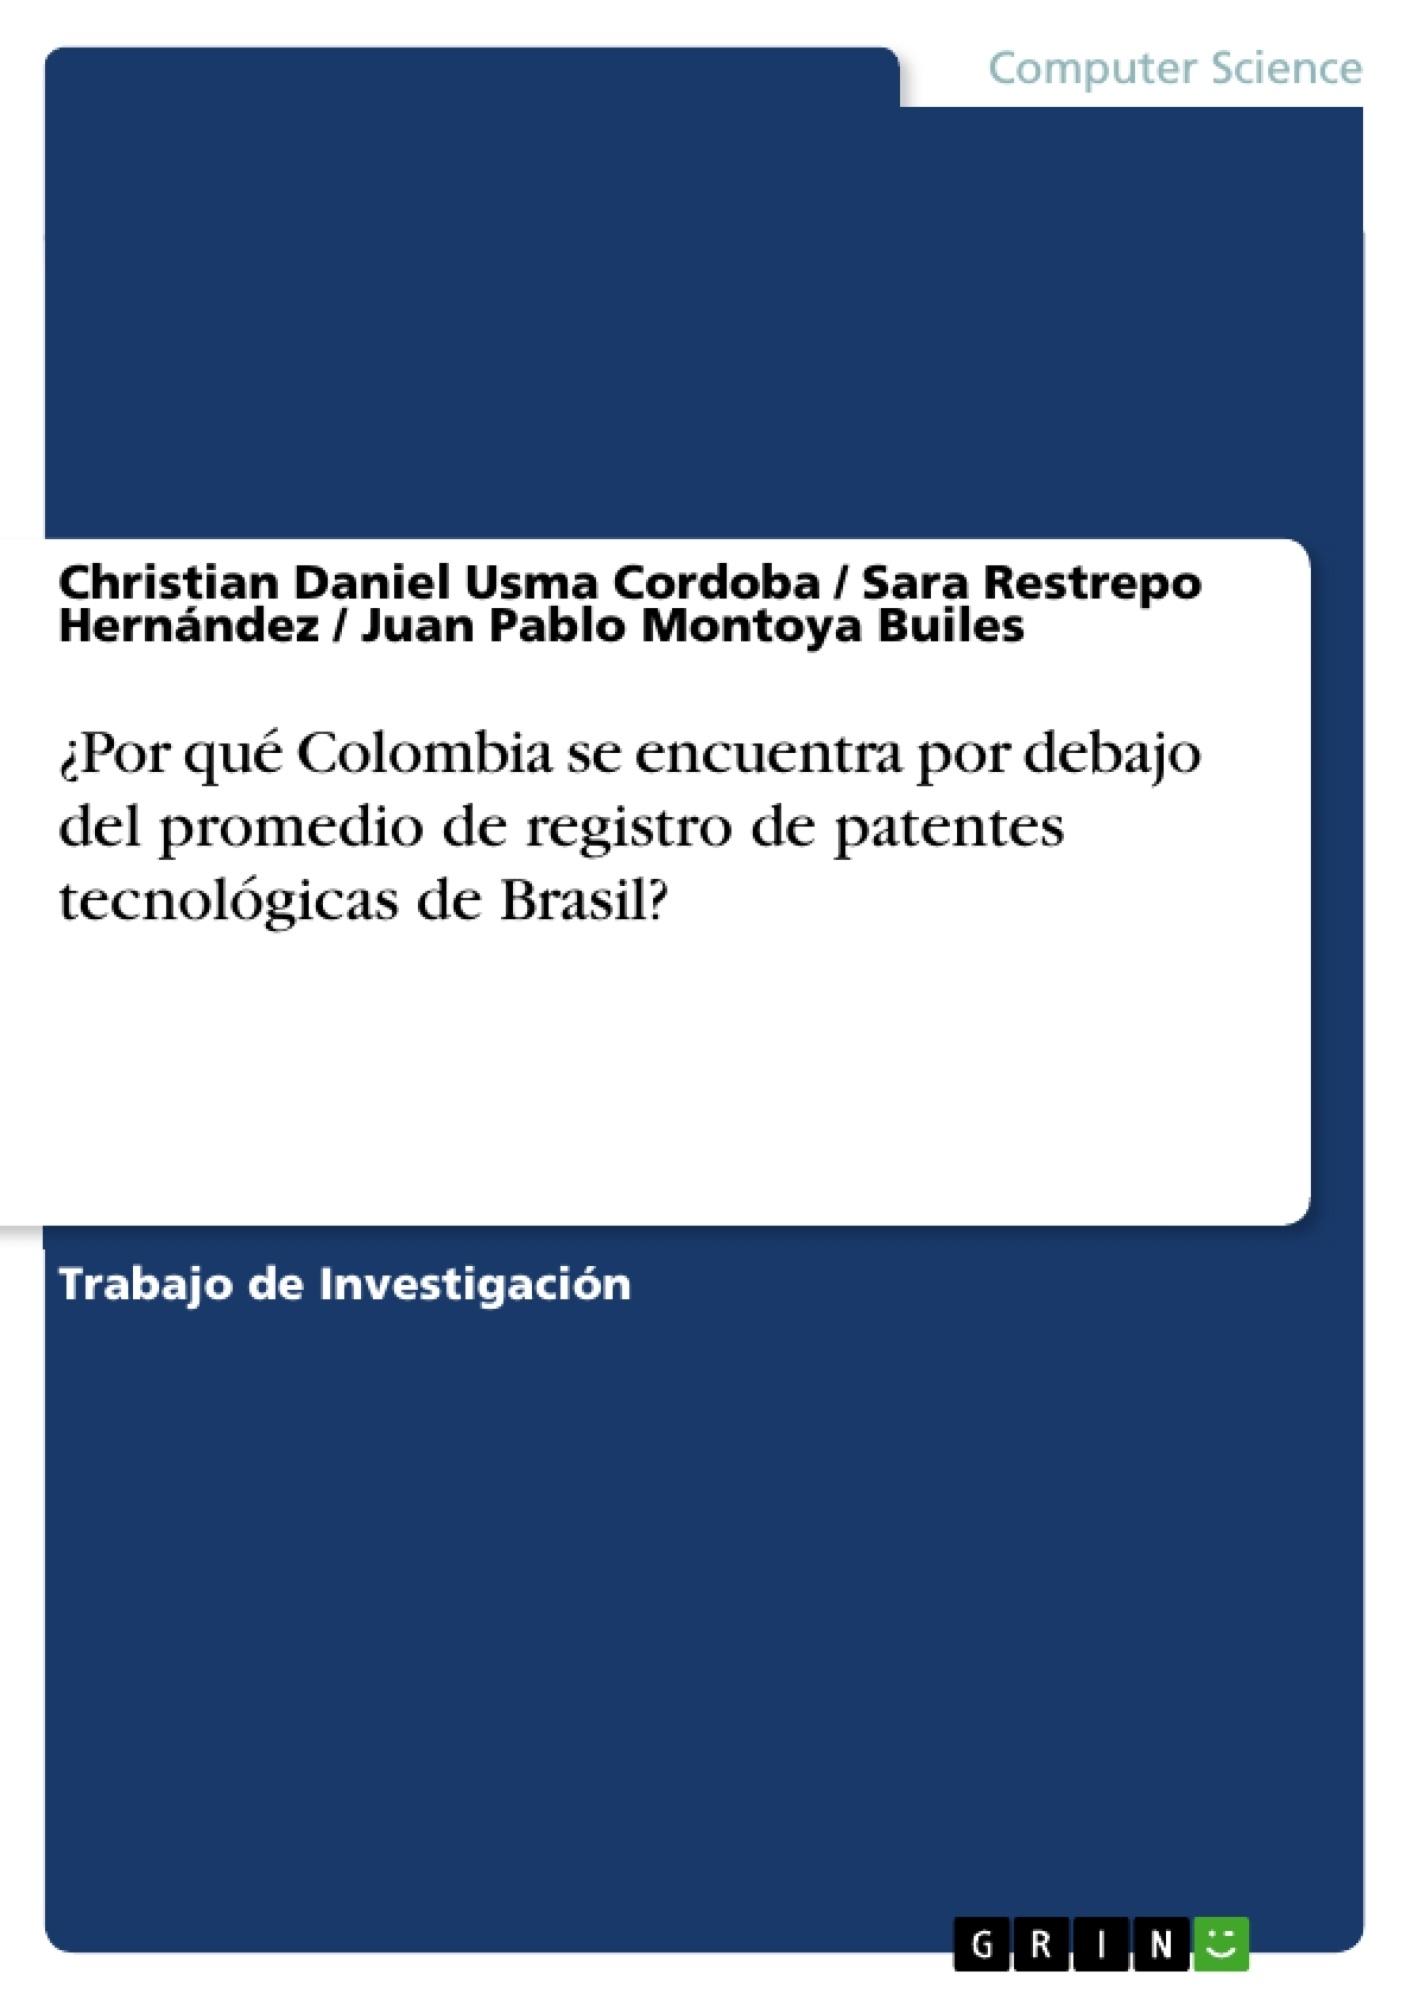 Título: ¿Por qué Colombia se encuentra por debajo del promedio de registro de patentes tecnológicas de Brasil?